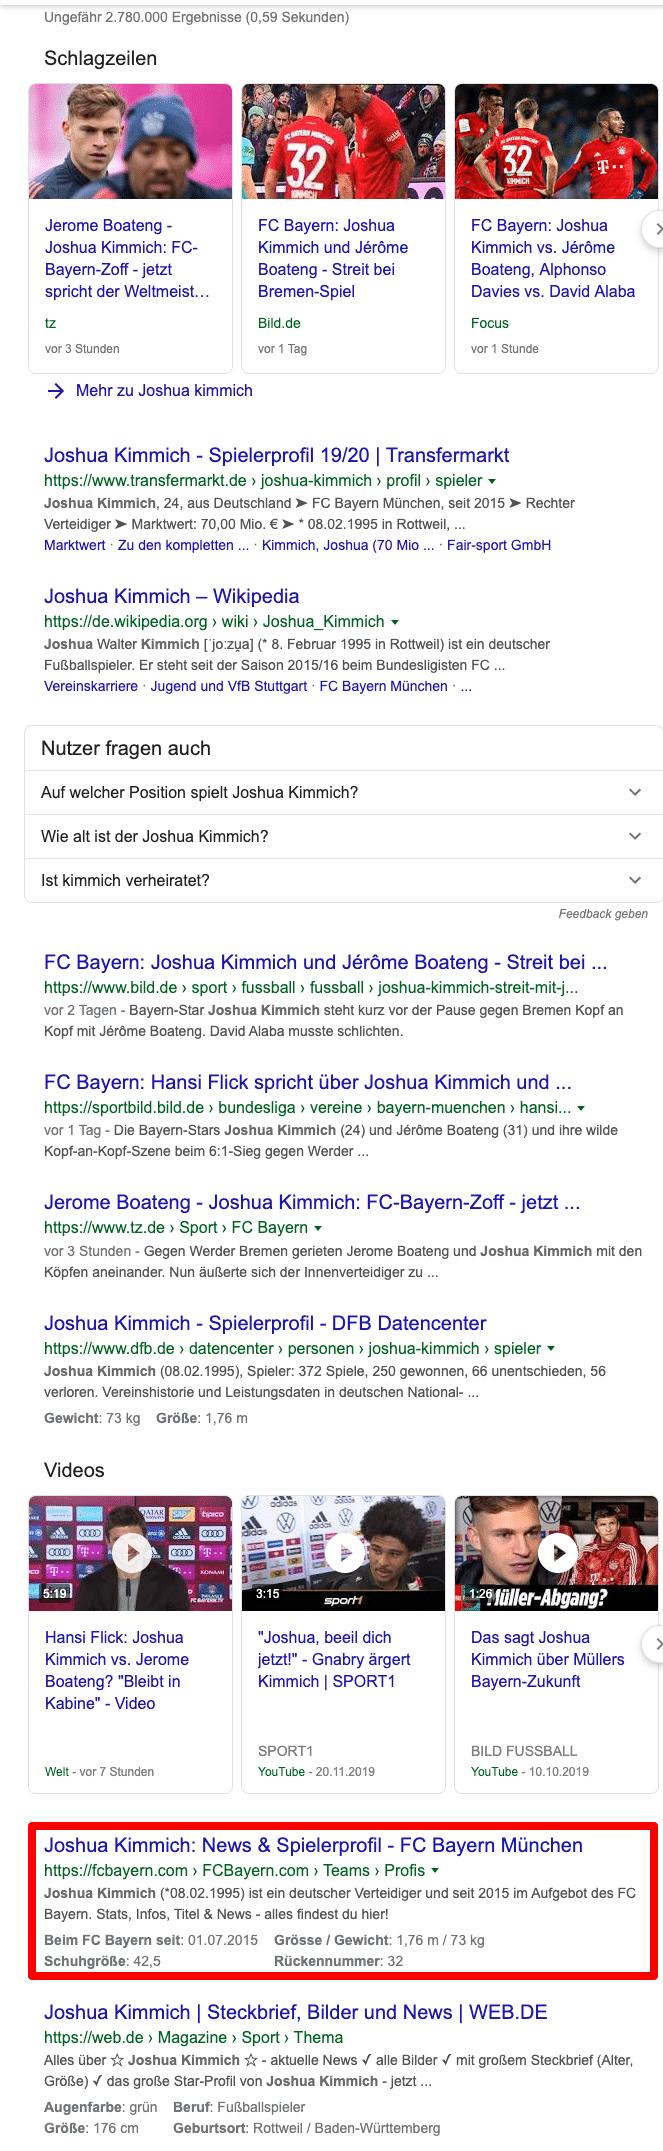 Joshua Kimmich organisch bei Google